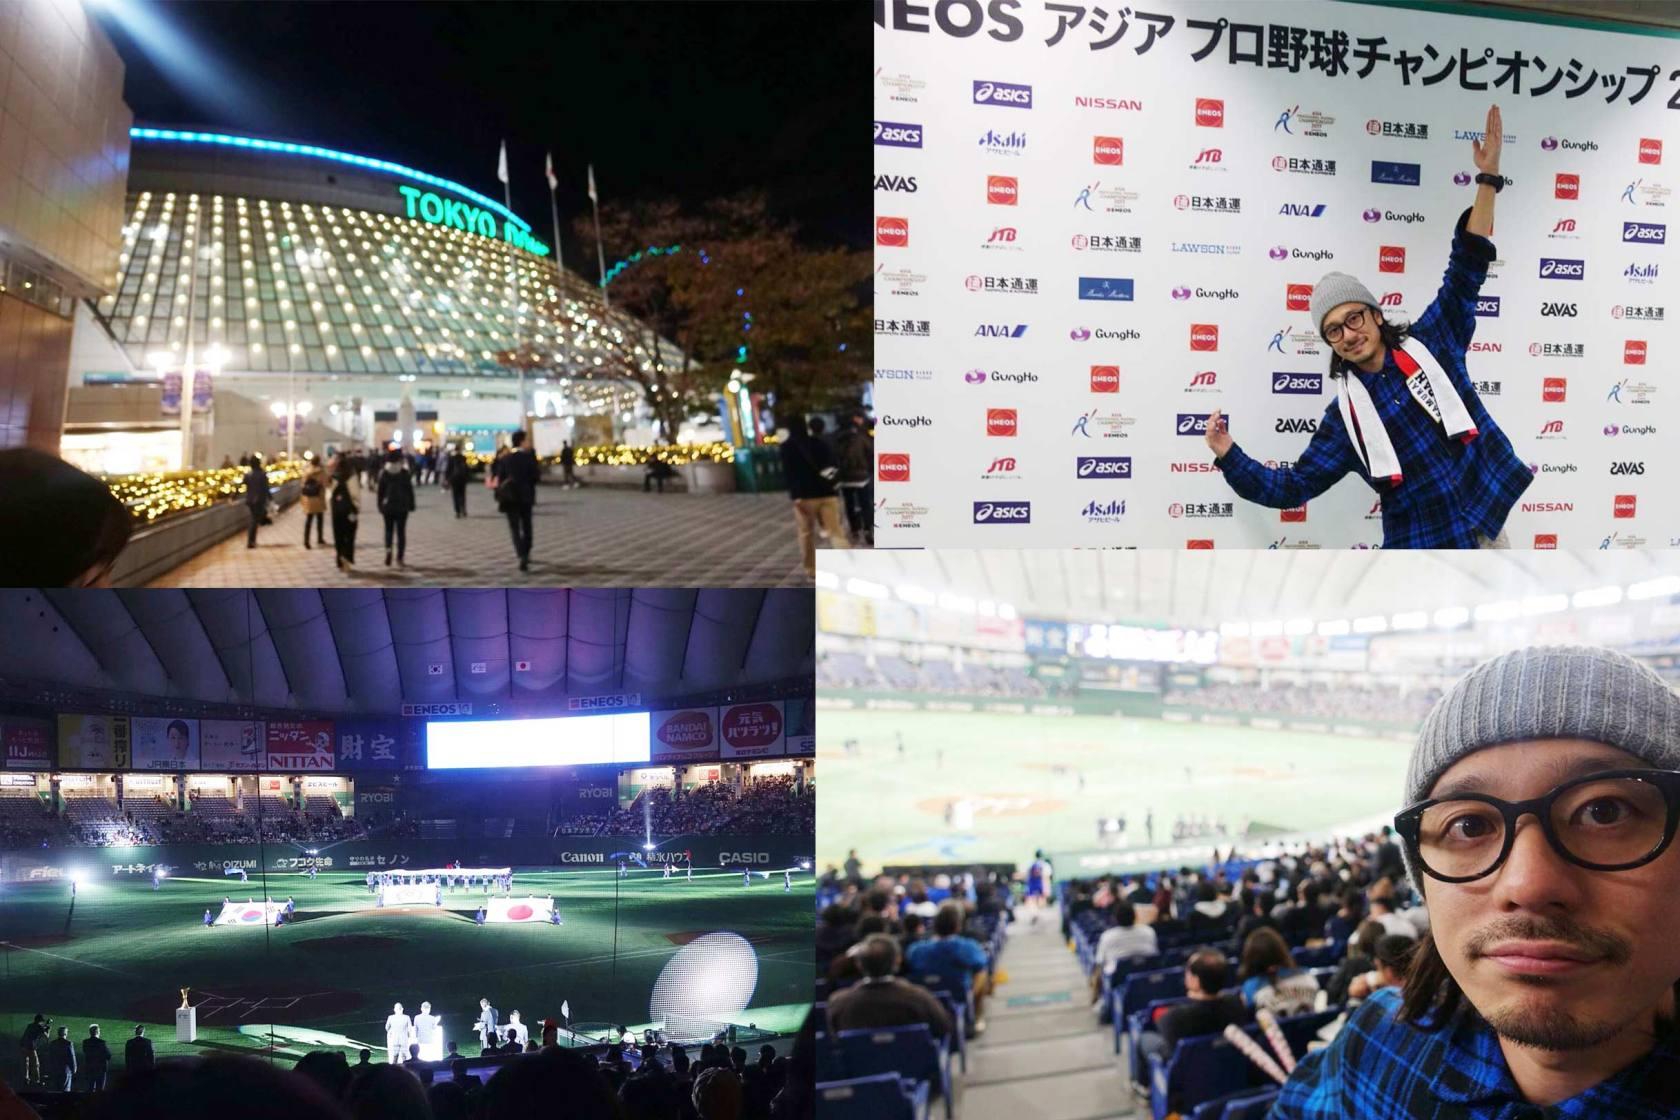 超激闘の『侍JAPAN』vs韓国戦!!   東京ドーム、逆転サヨナラの歓喜